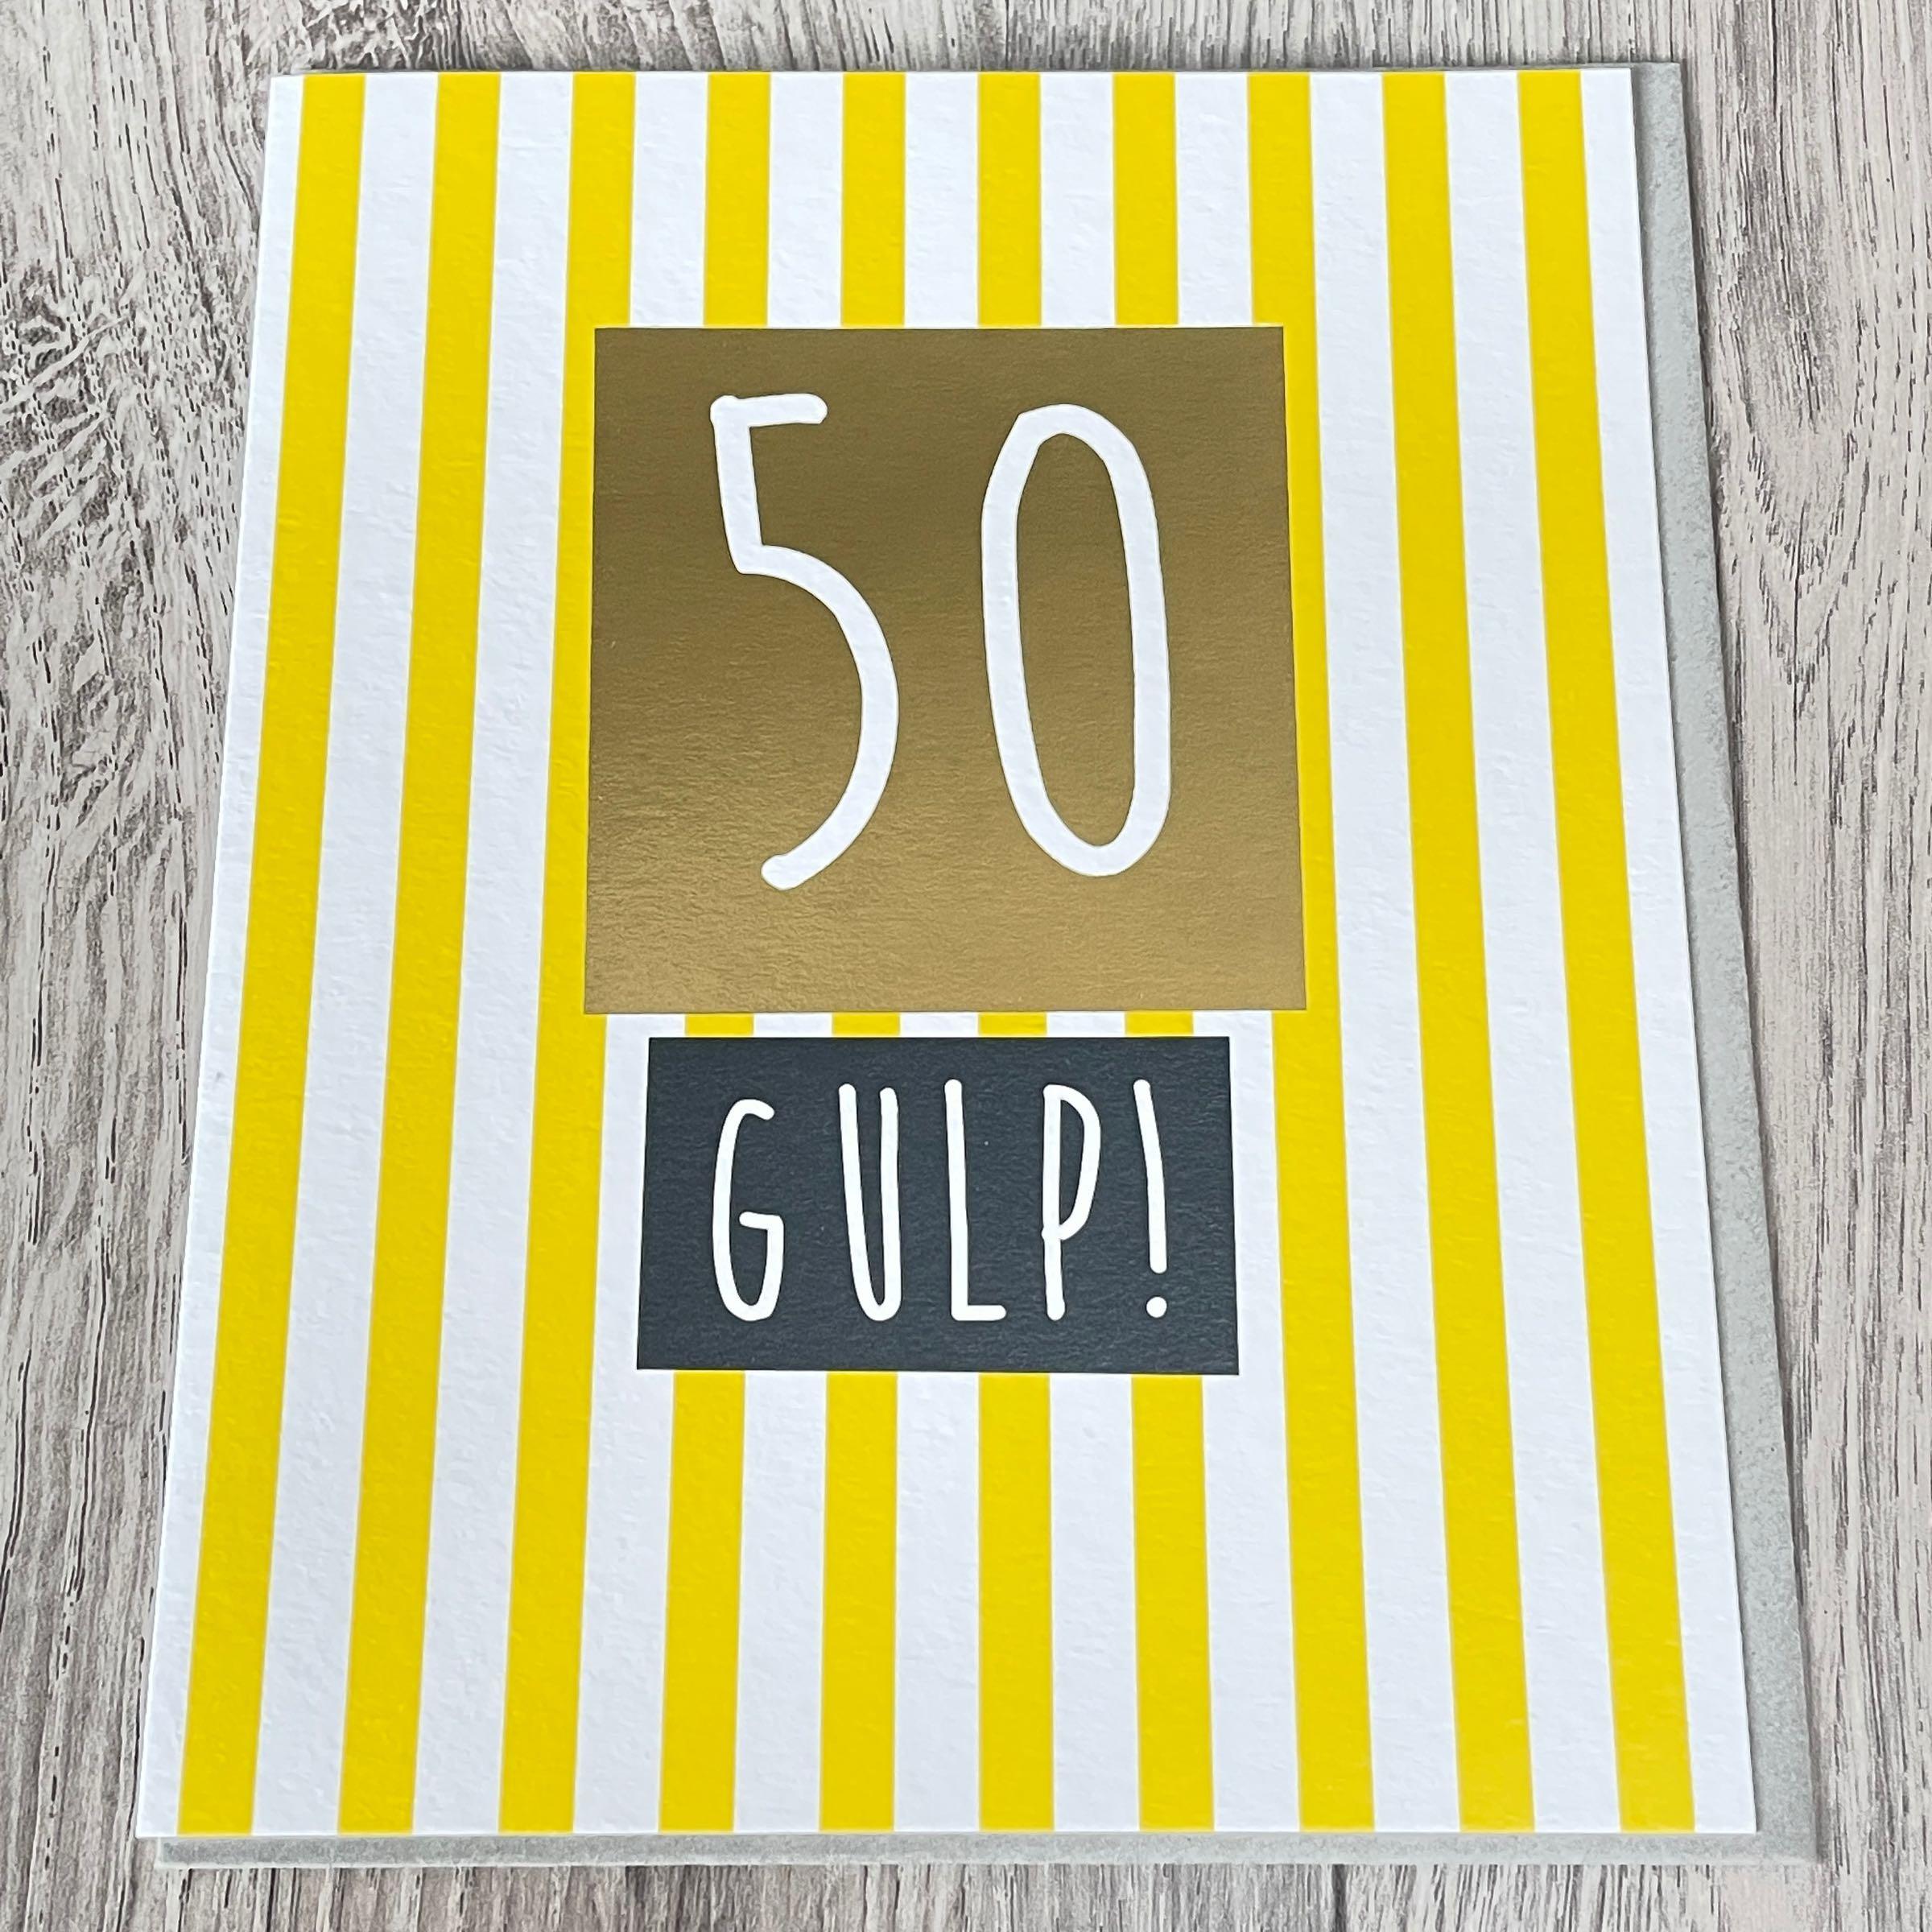 50 GULP! 50th Birthday card